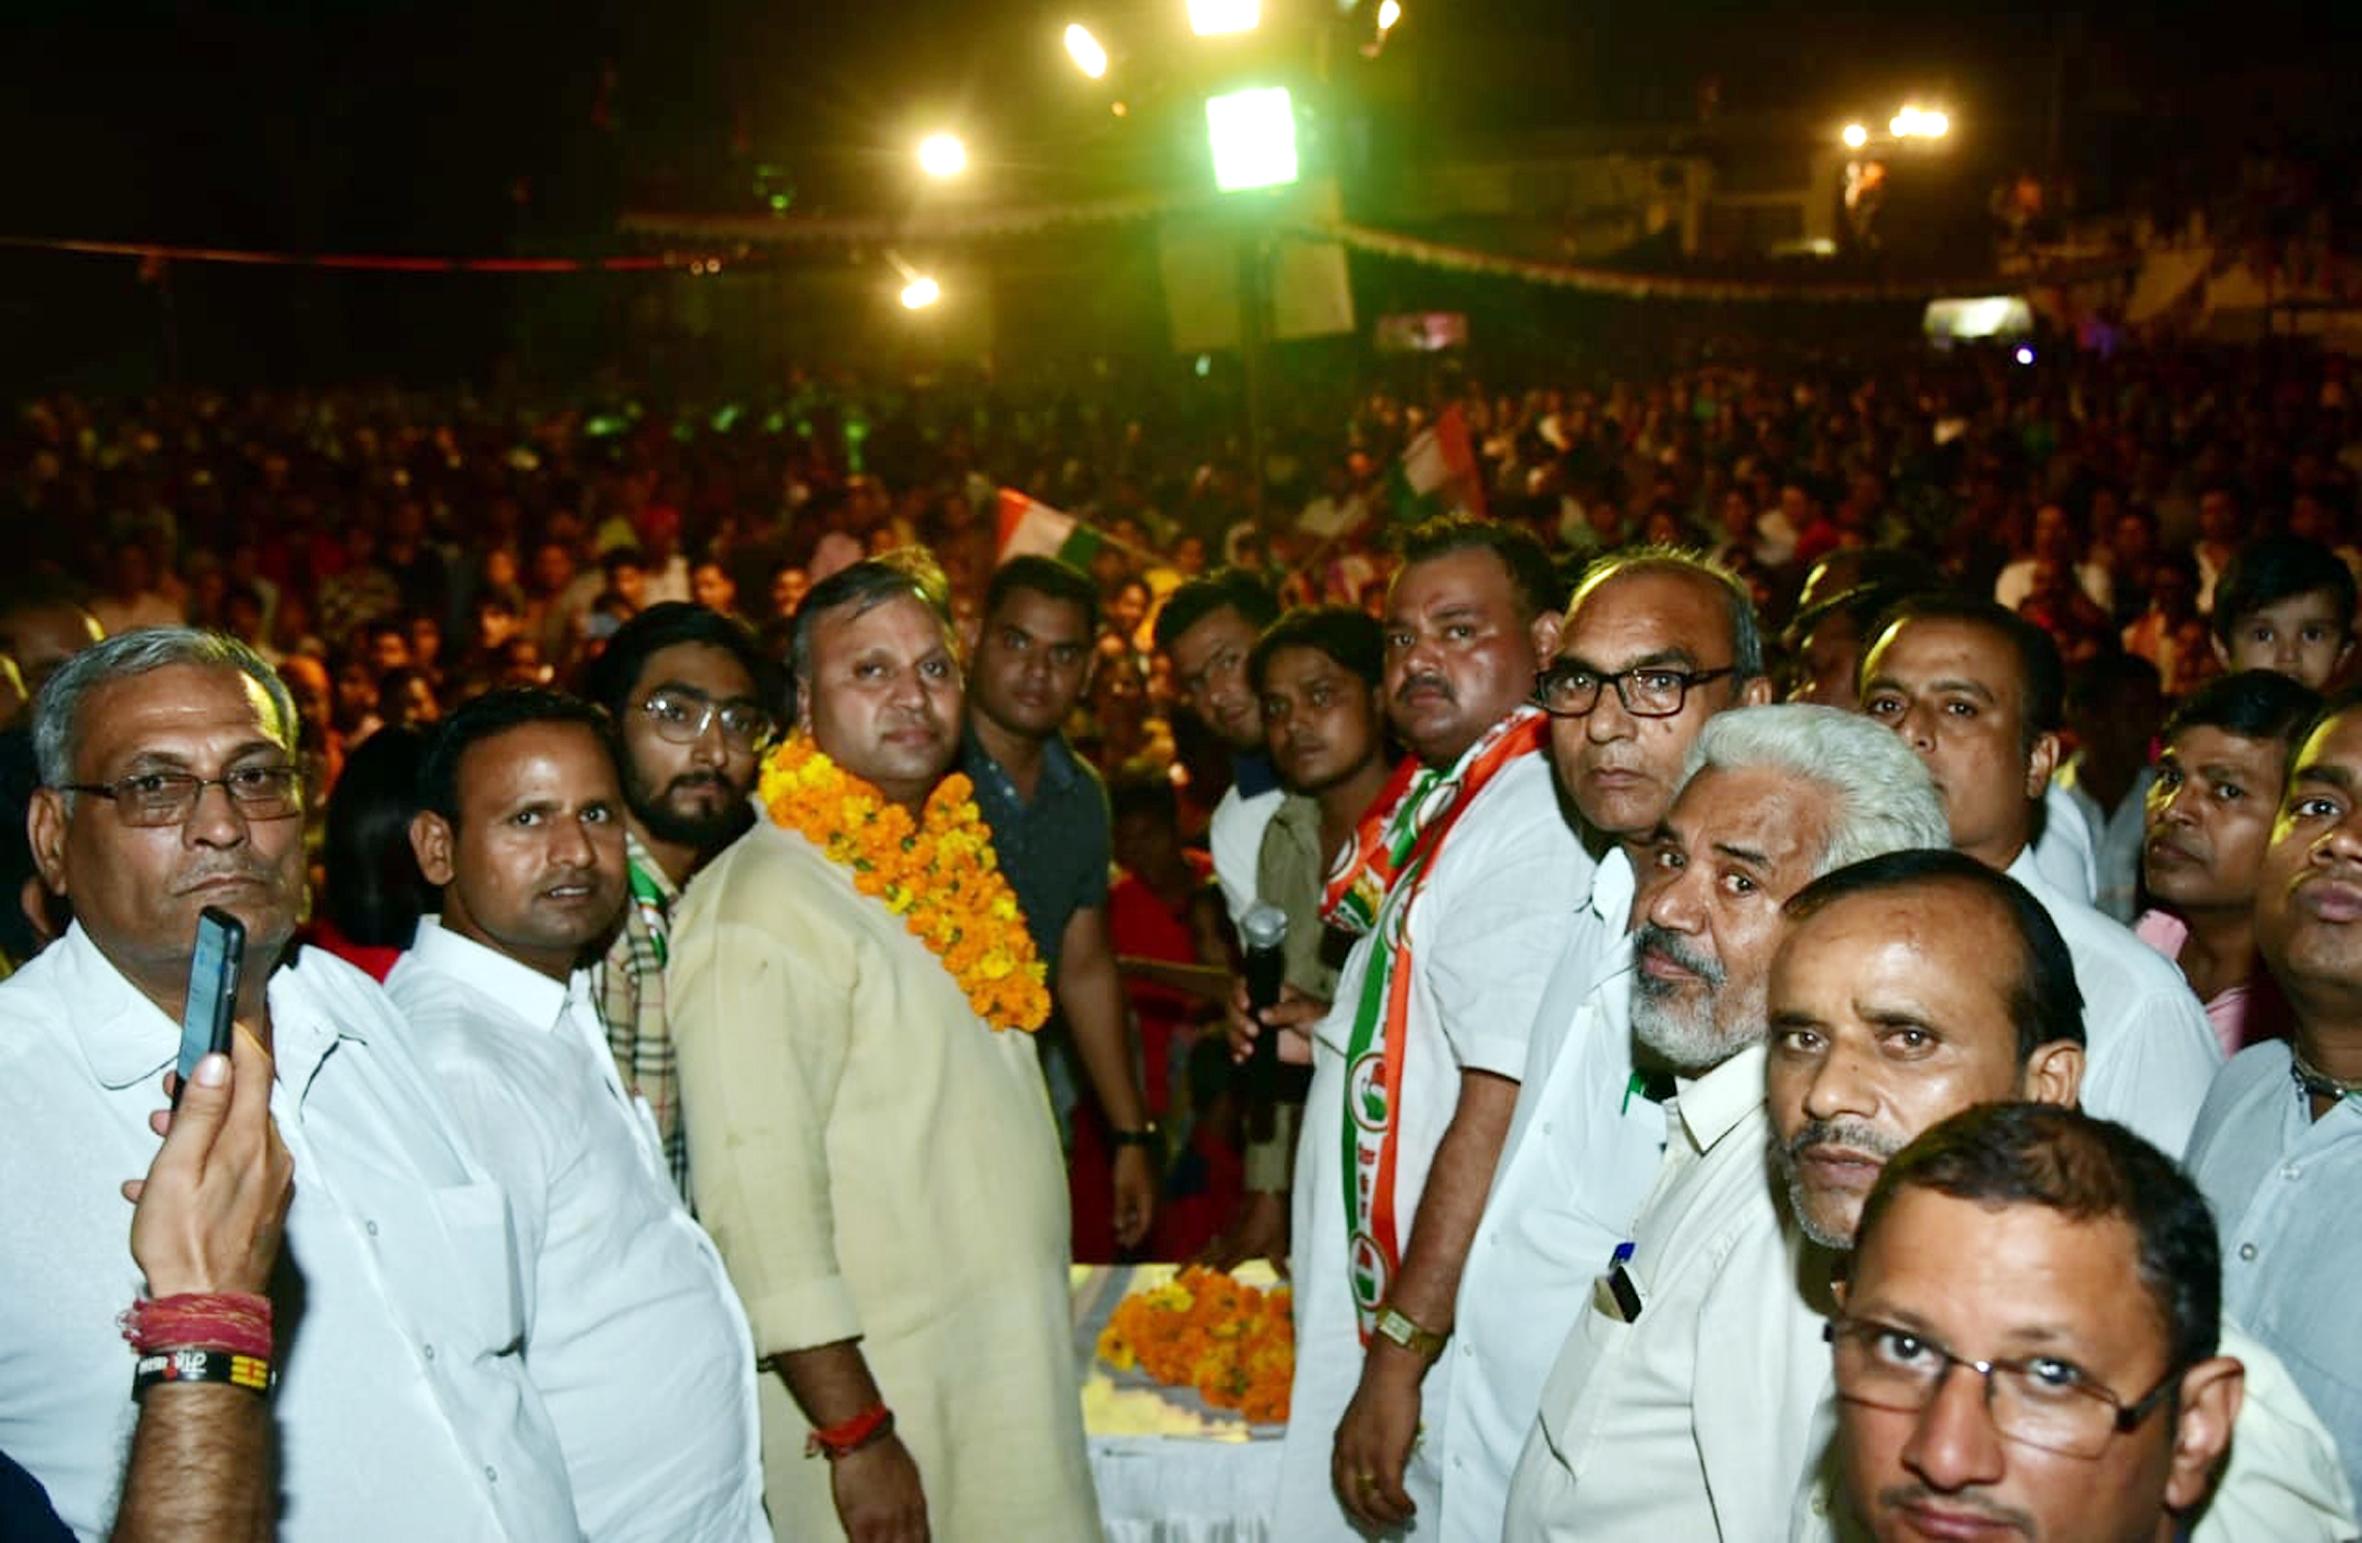 कांग्रेस हाईकमान ने जनता की सेवा करने के लिए उन्हें चुनाव के मैदान उतारा : विजय प्रताप सिंह